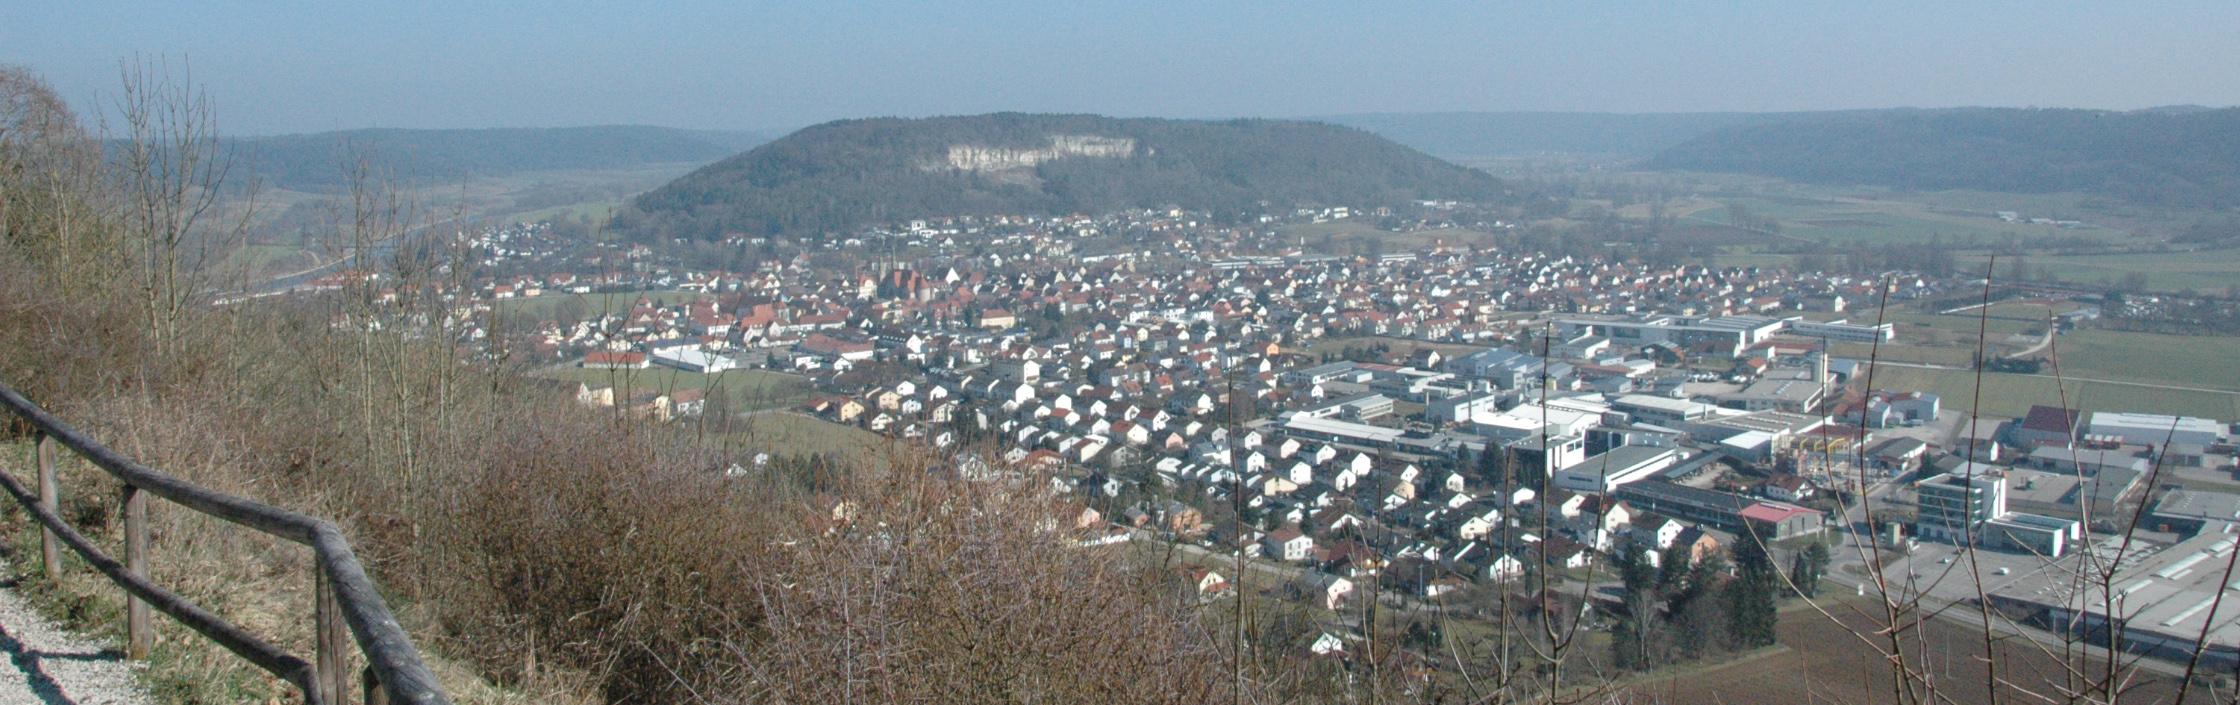 Ausblick Hirschberg auf Beilngries